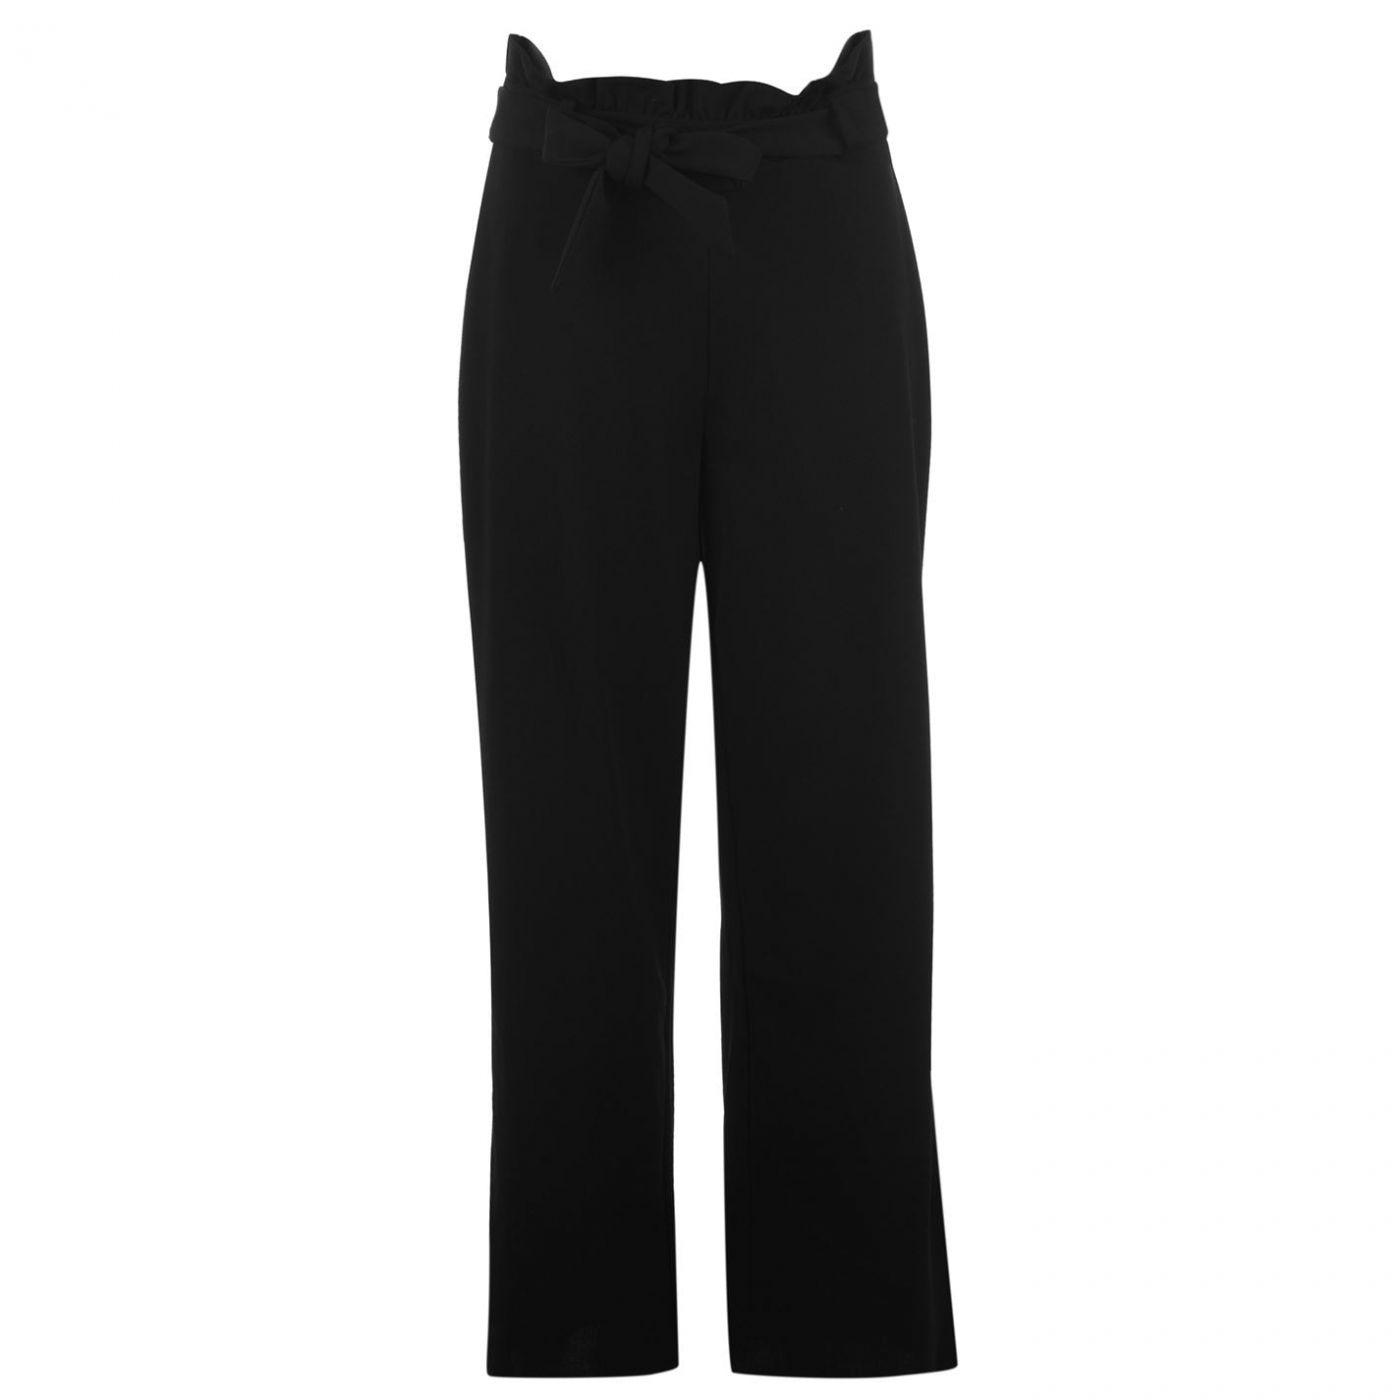 Vero Moda Milla High Rise Trousers